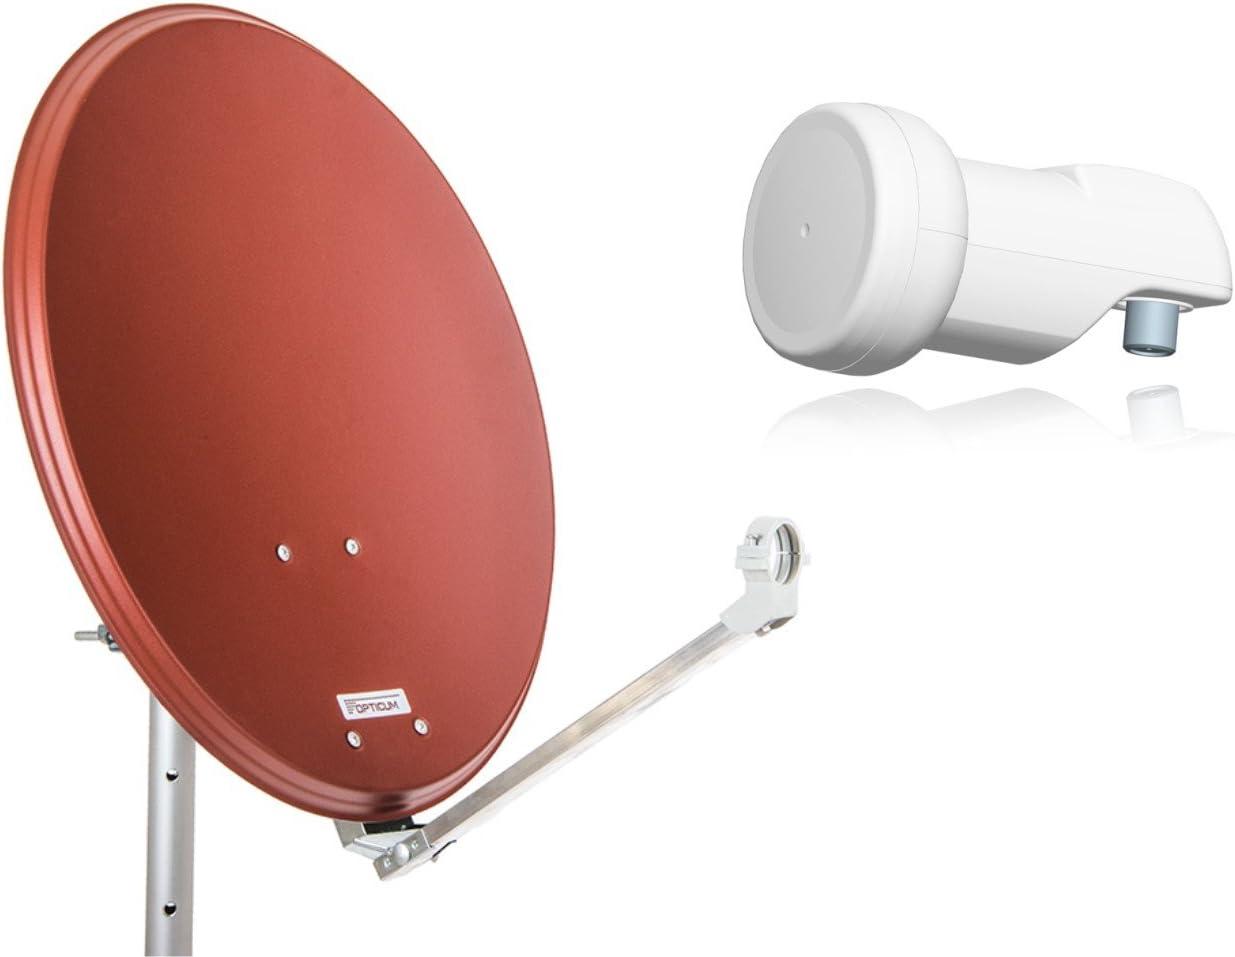 Opticum Stahl QA60 - Antena parabólica con LNB, 60 cm de Color Rojo ladrillo